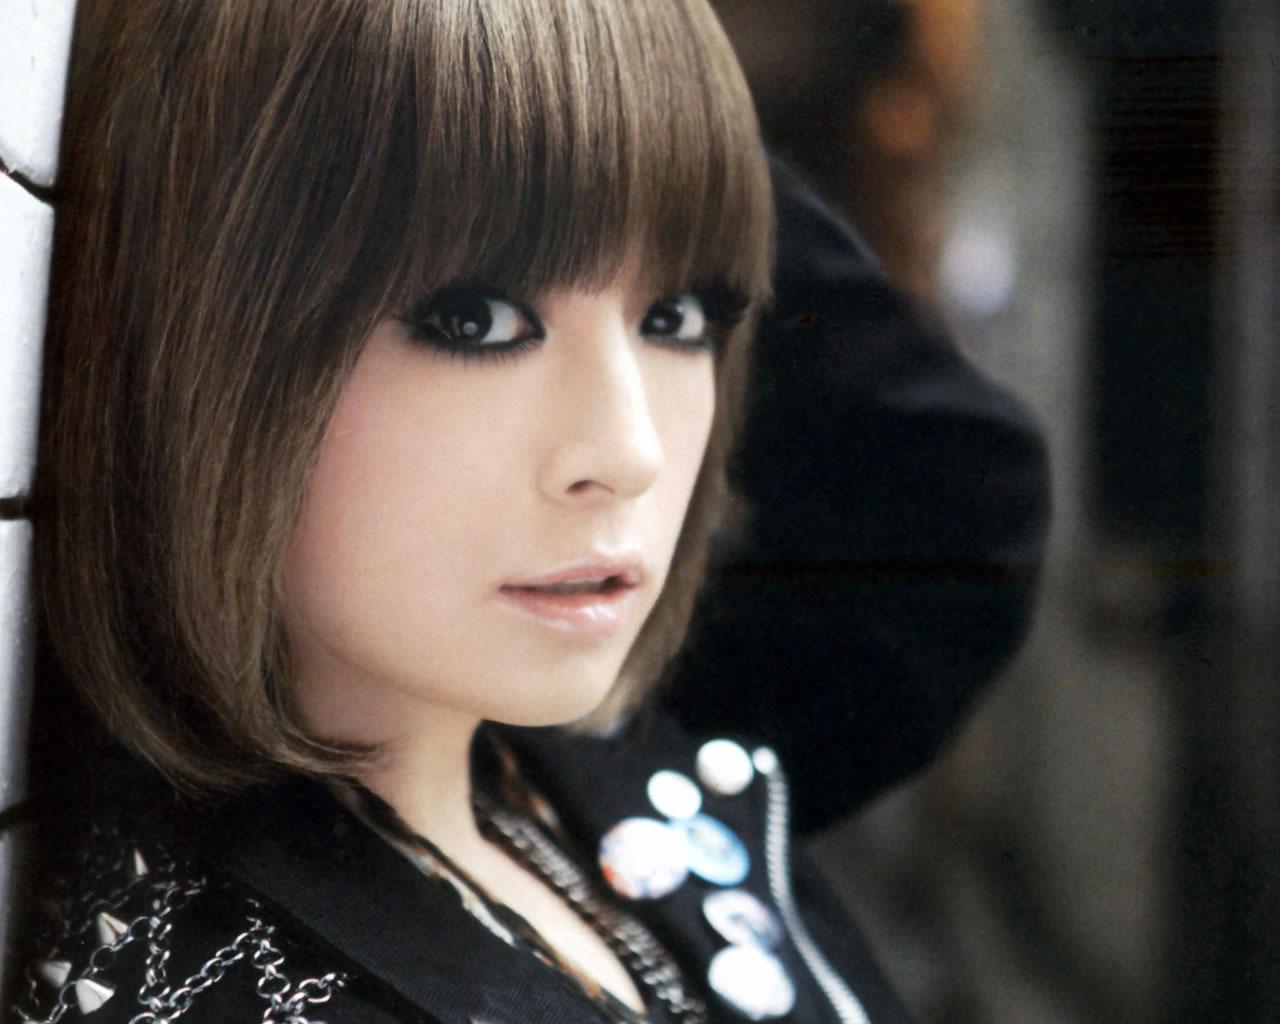 浜崎あゆみのシングル売上ランキングをまとめてみました!!のサムネイル画像